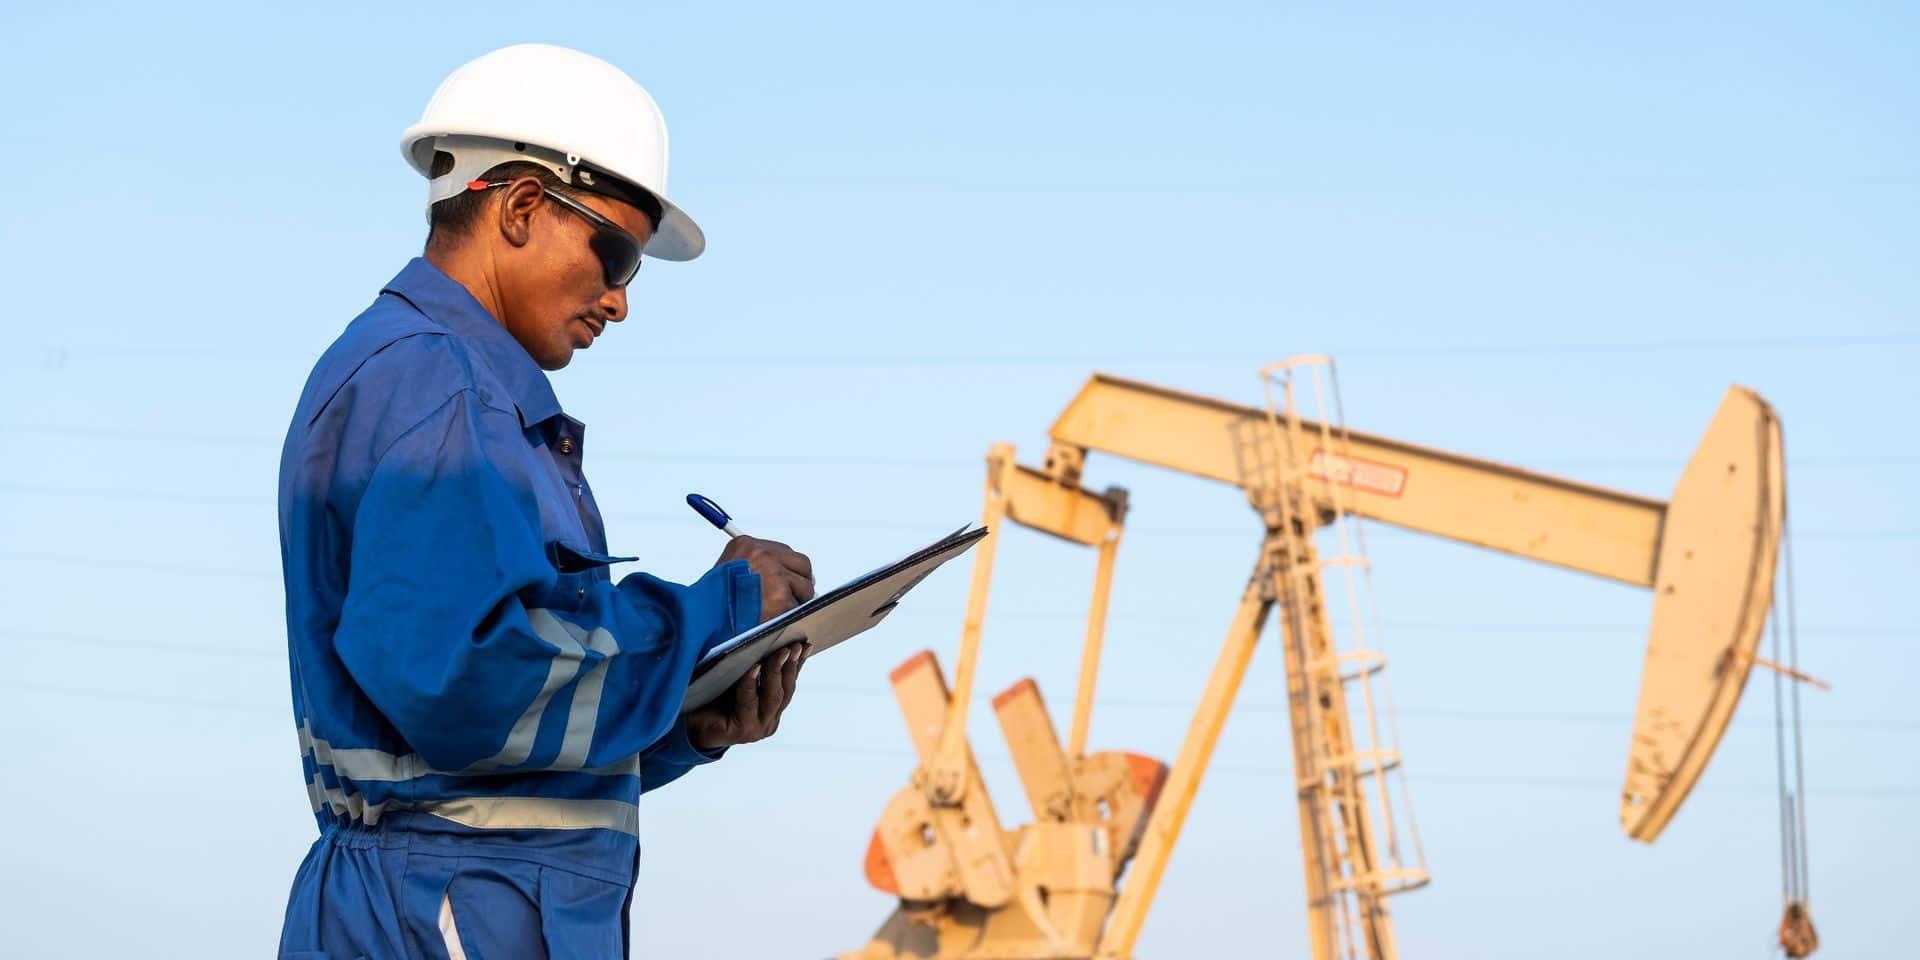 Des accords définitifs ont été signés entre Total, CNOOC et les gouvernements ougandais et tanzanien en vue de la construction de l'East African Crude Oil Pipeline (Eacop).